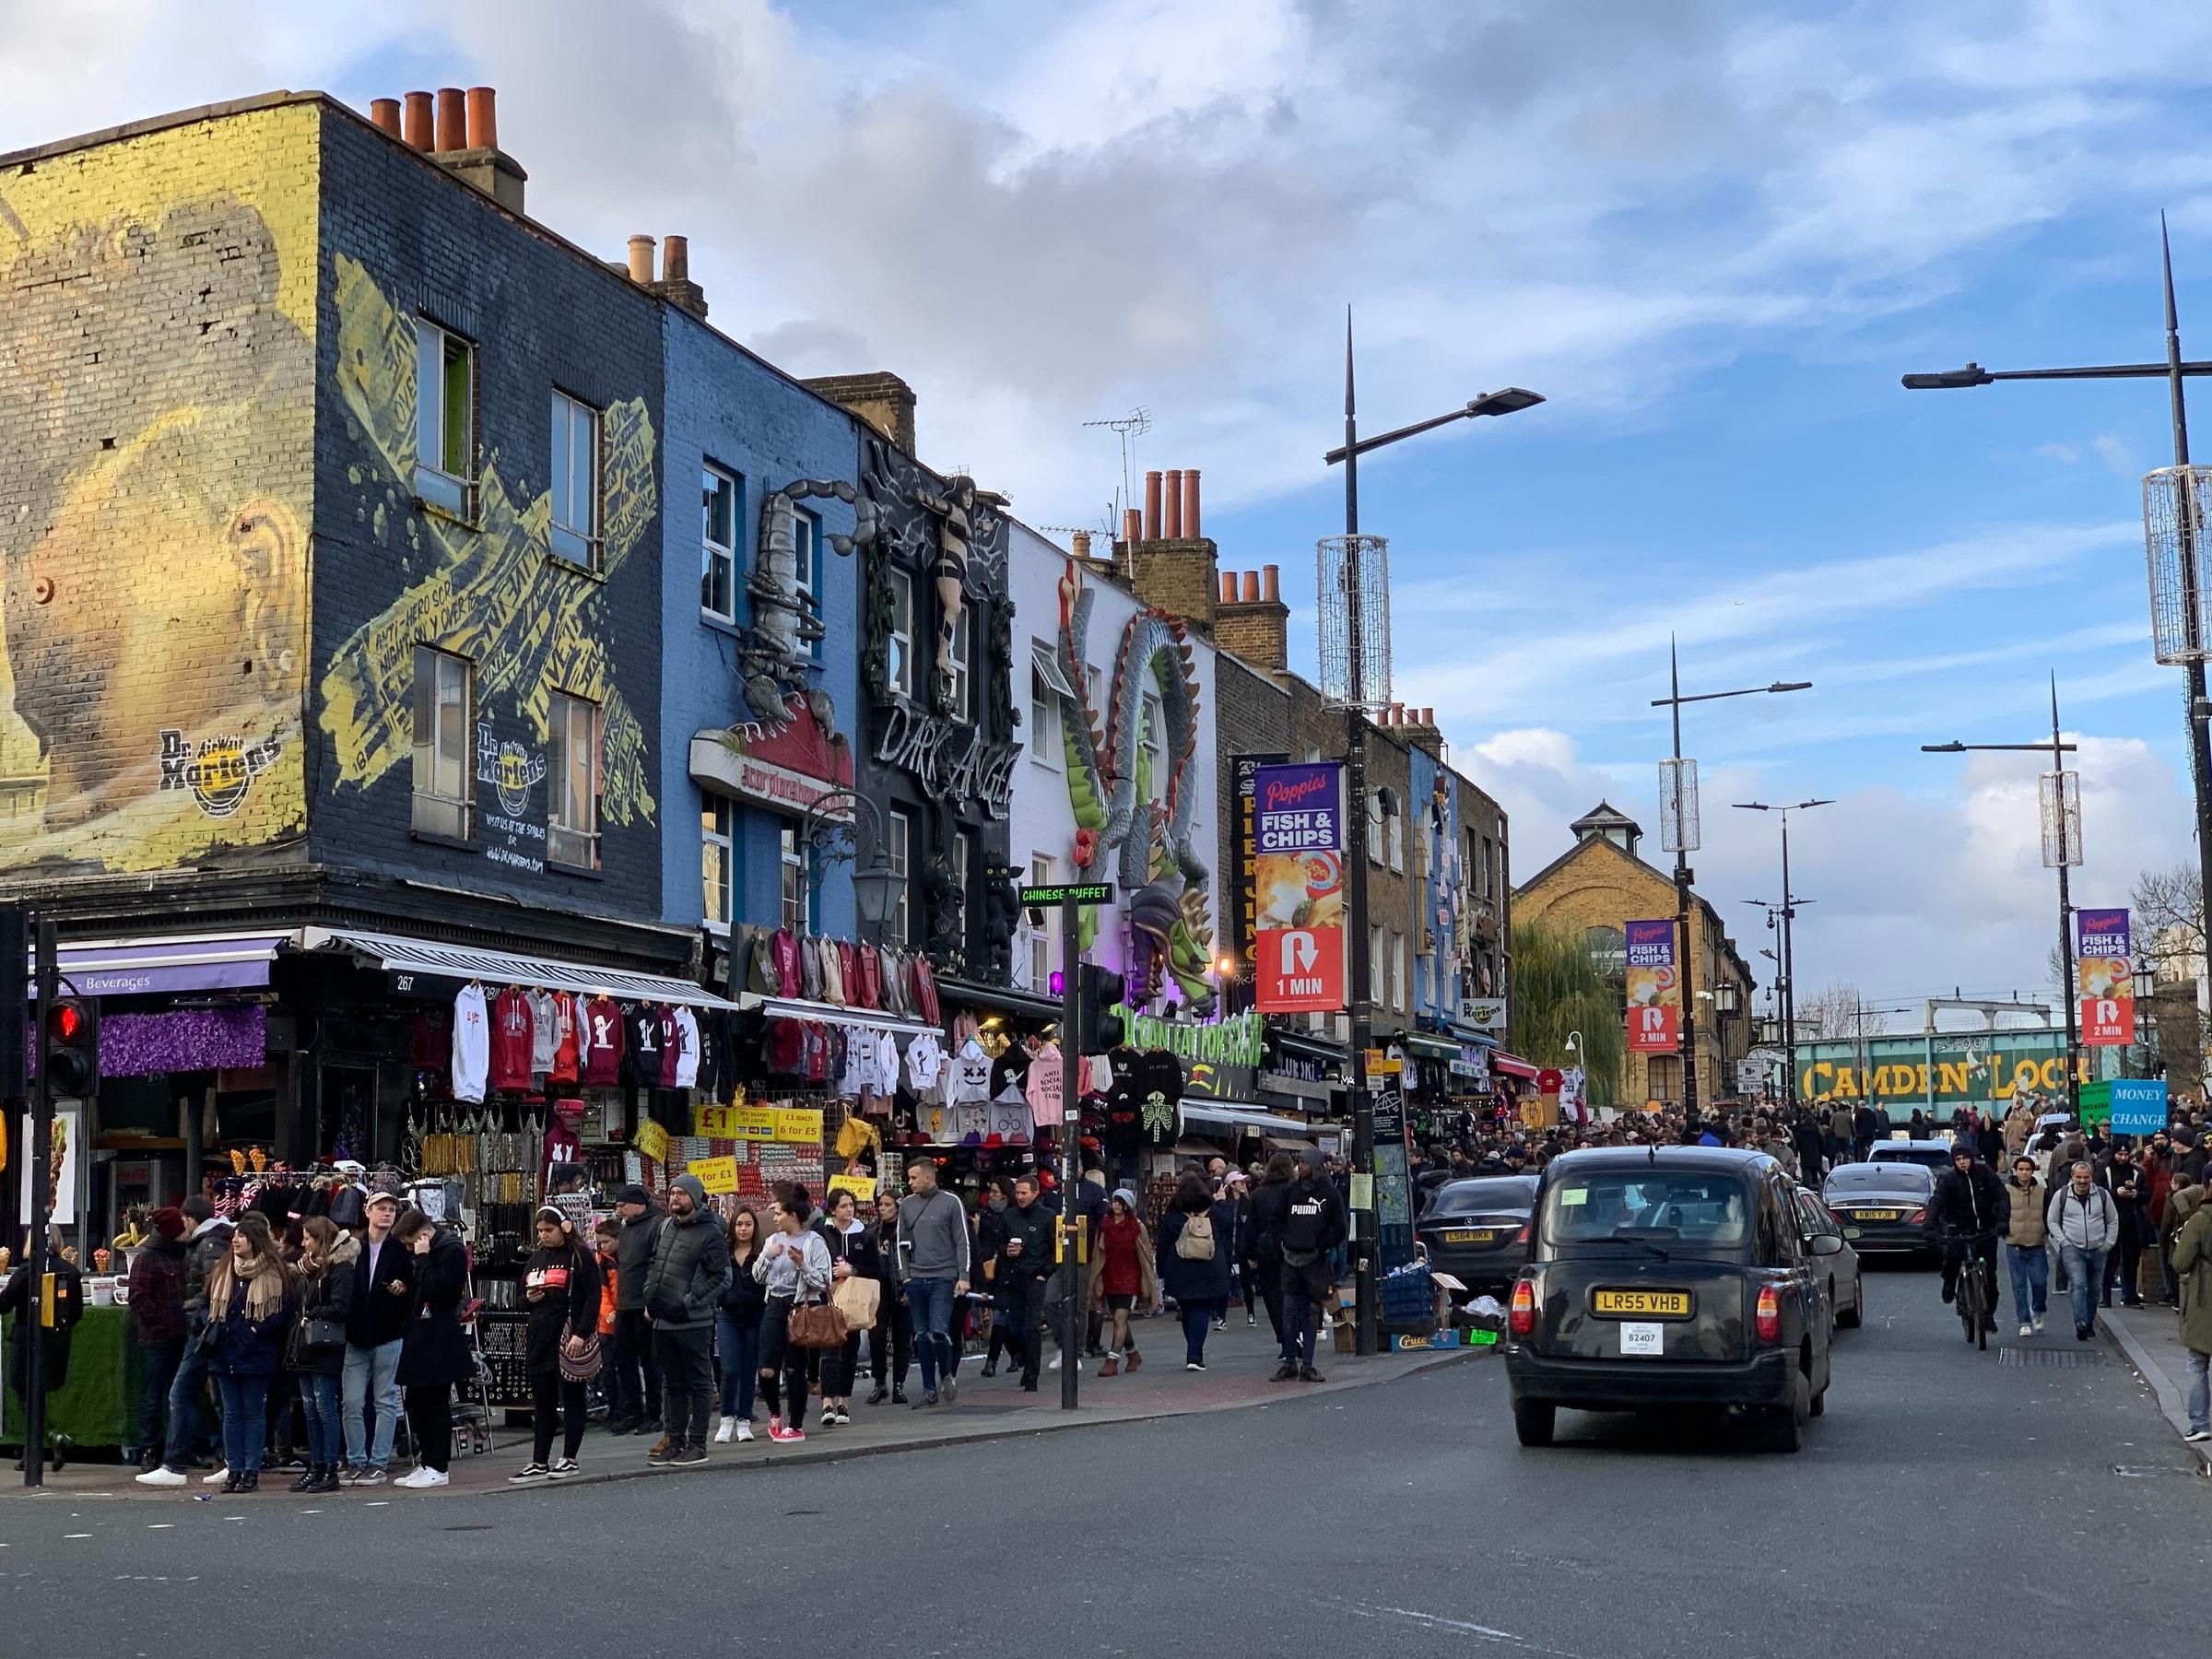 Camden England - Häuser und Menschen